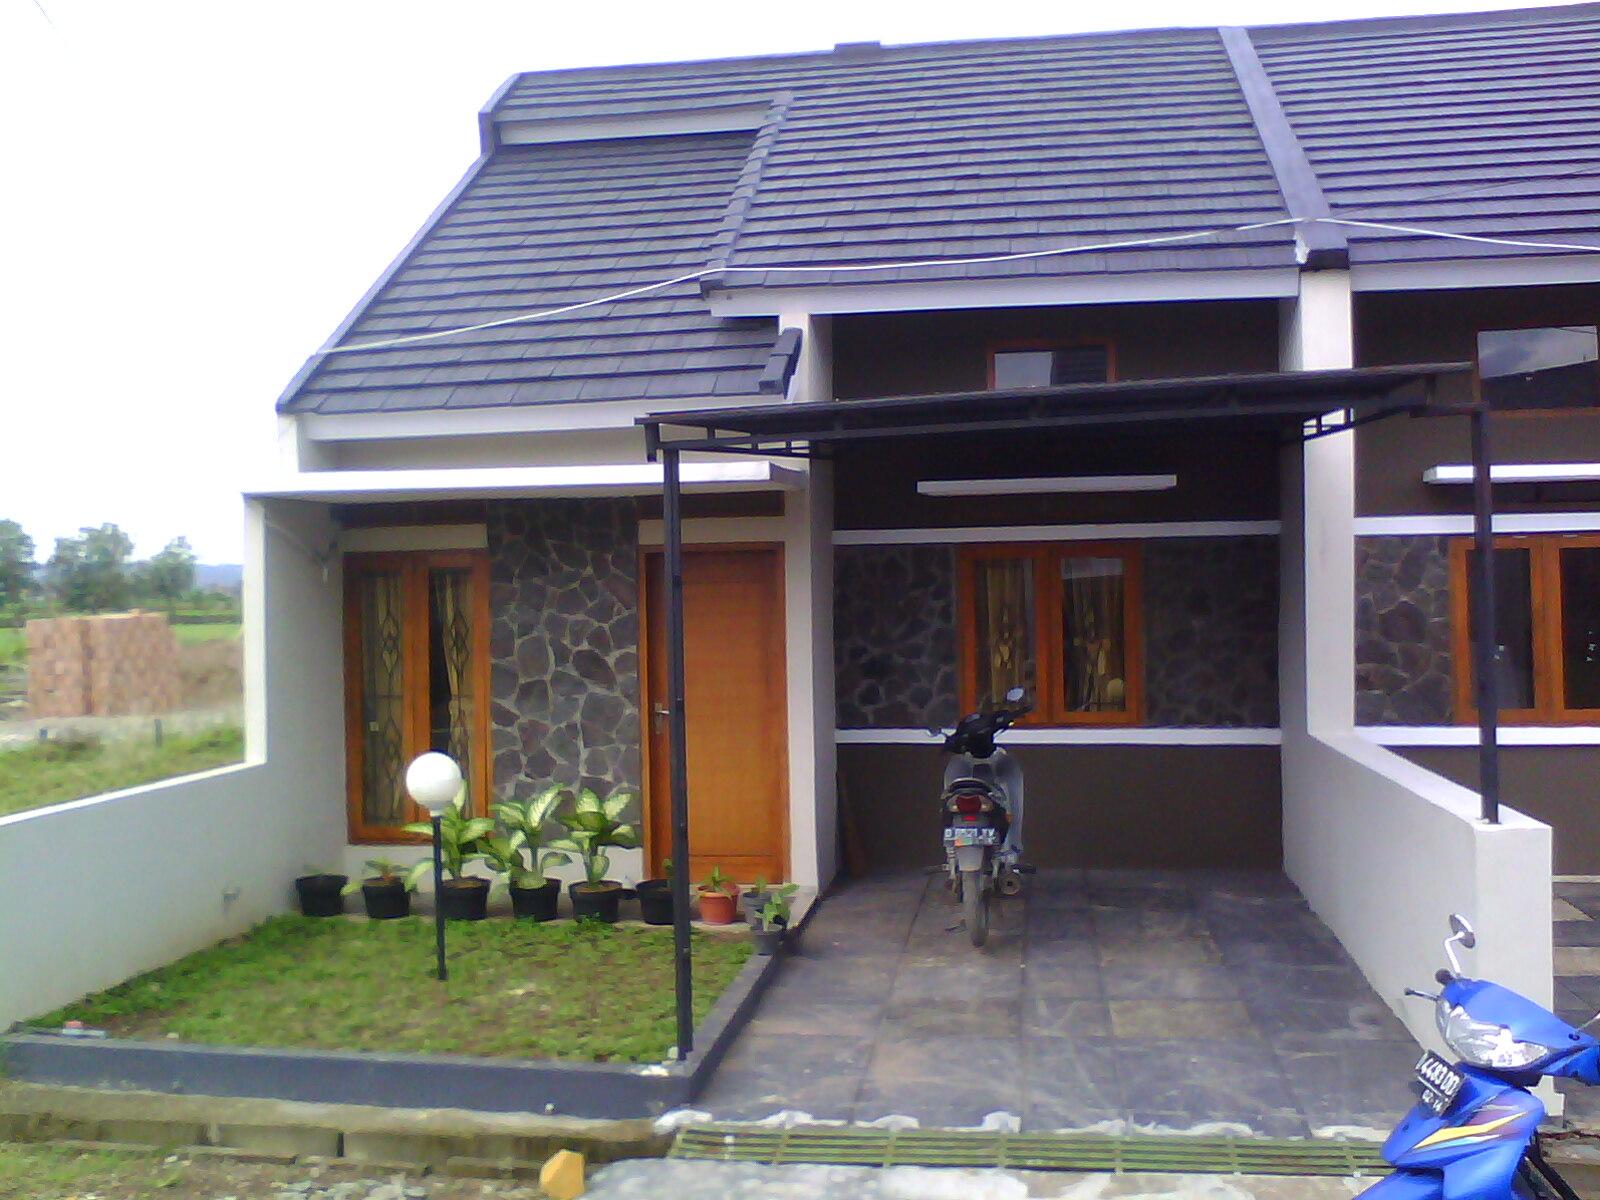 Daftar Harga Jual Real Estate | Perumahan di Bandung: June ...